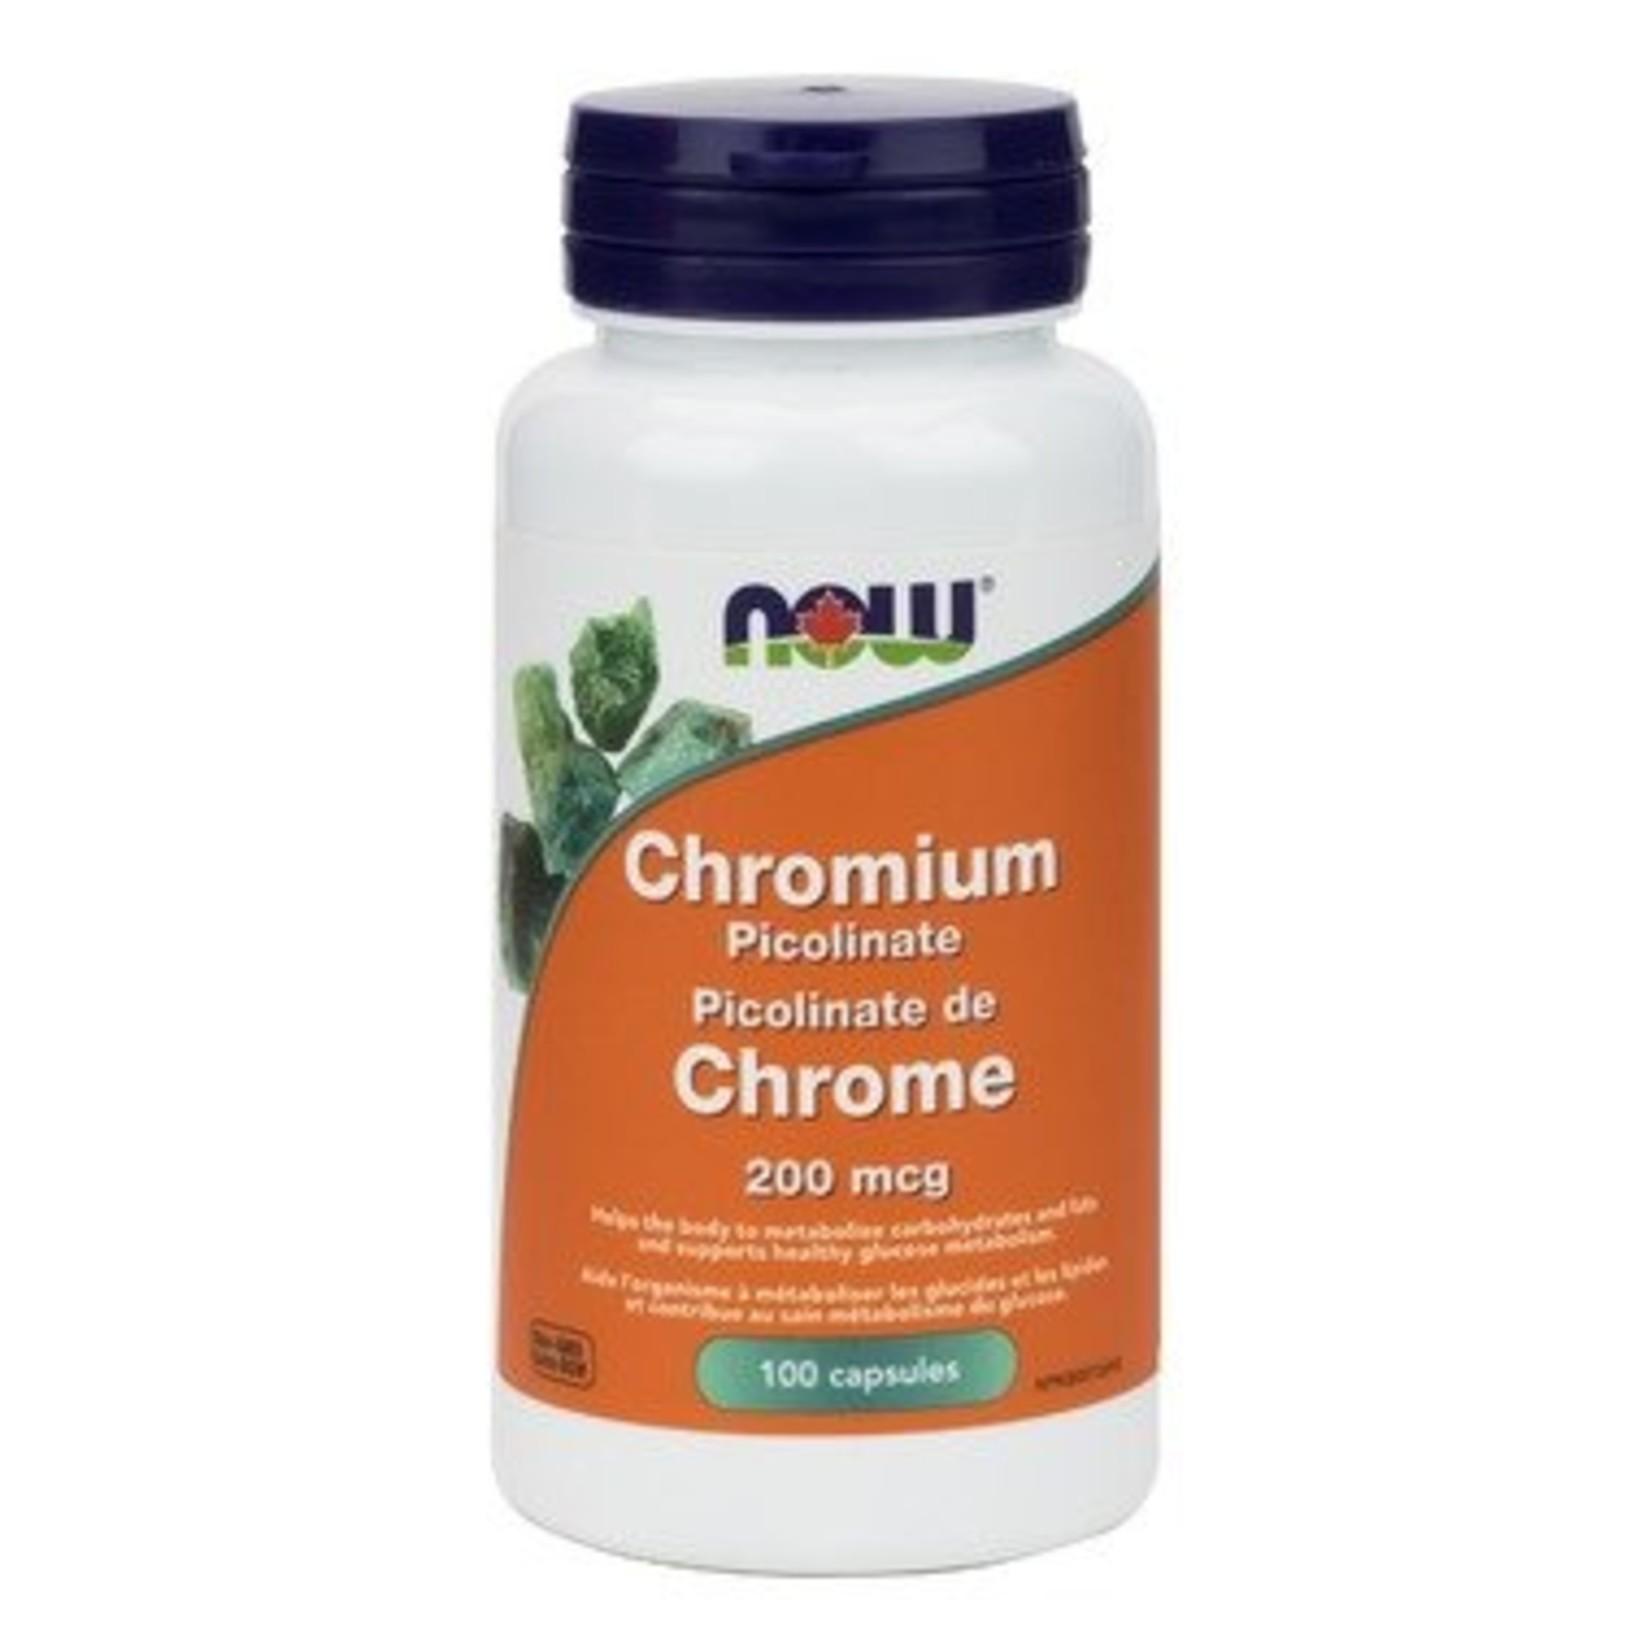 NOW NOW Chromium Picolinate 200mcg 100vcap